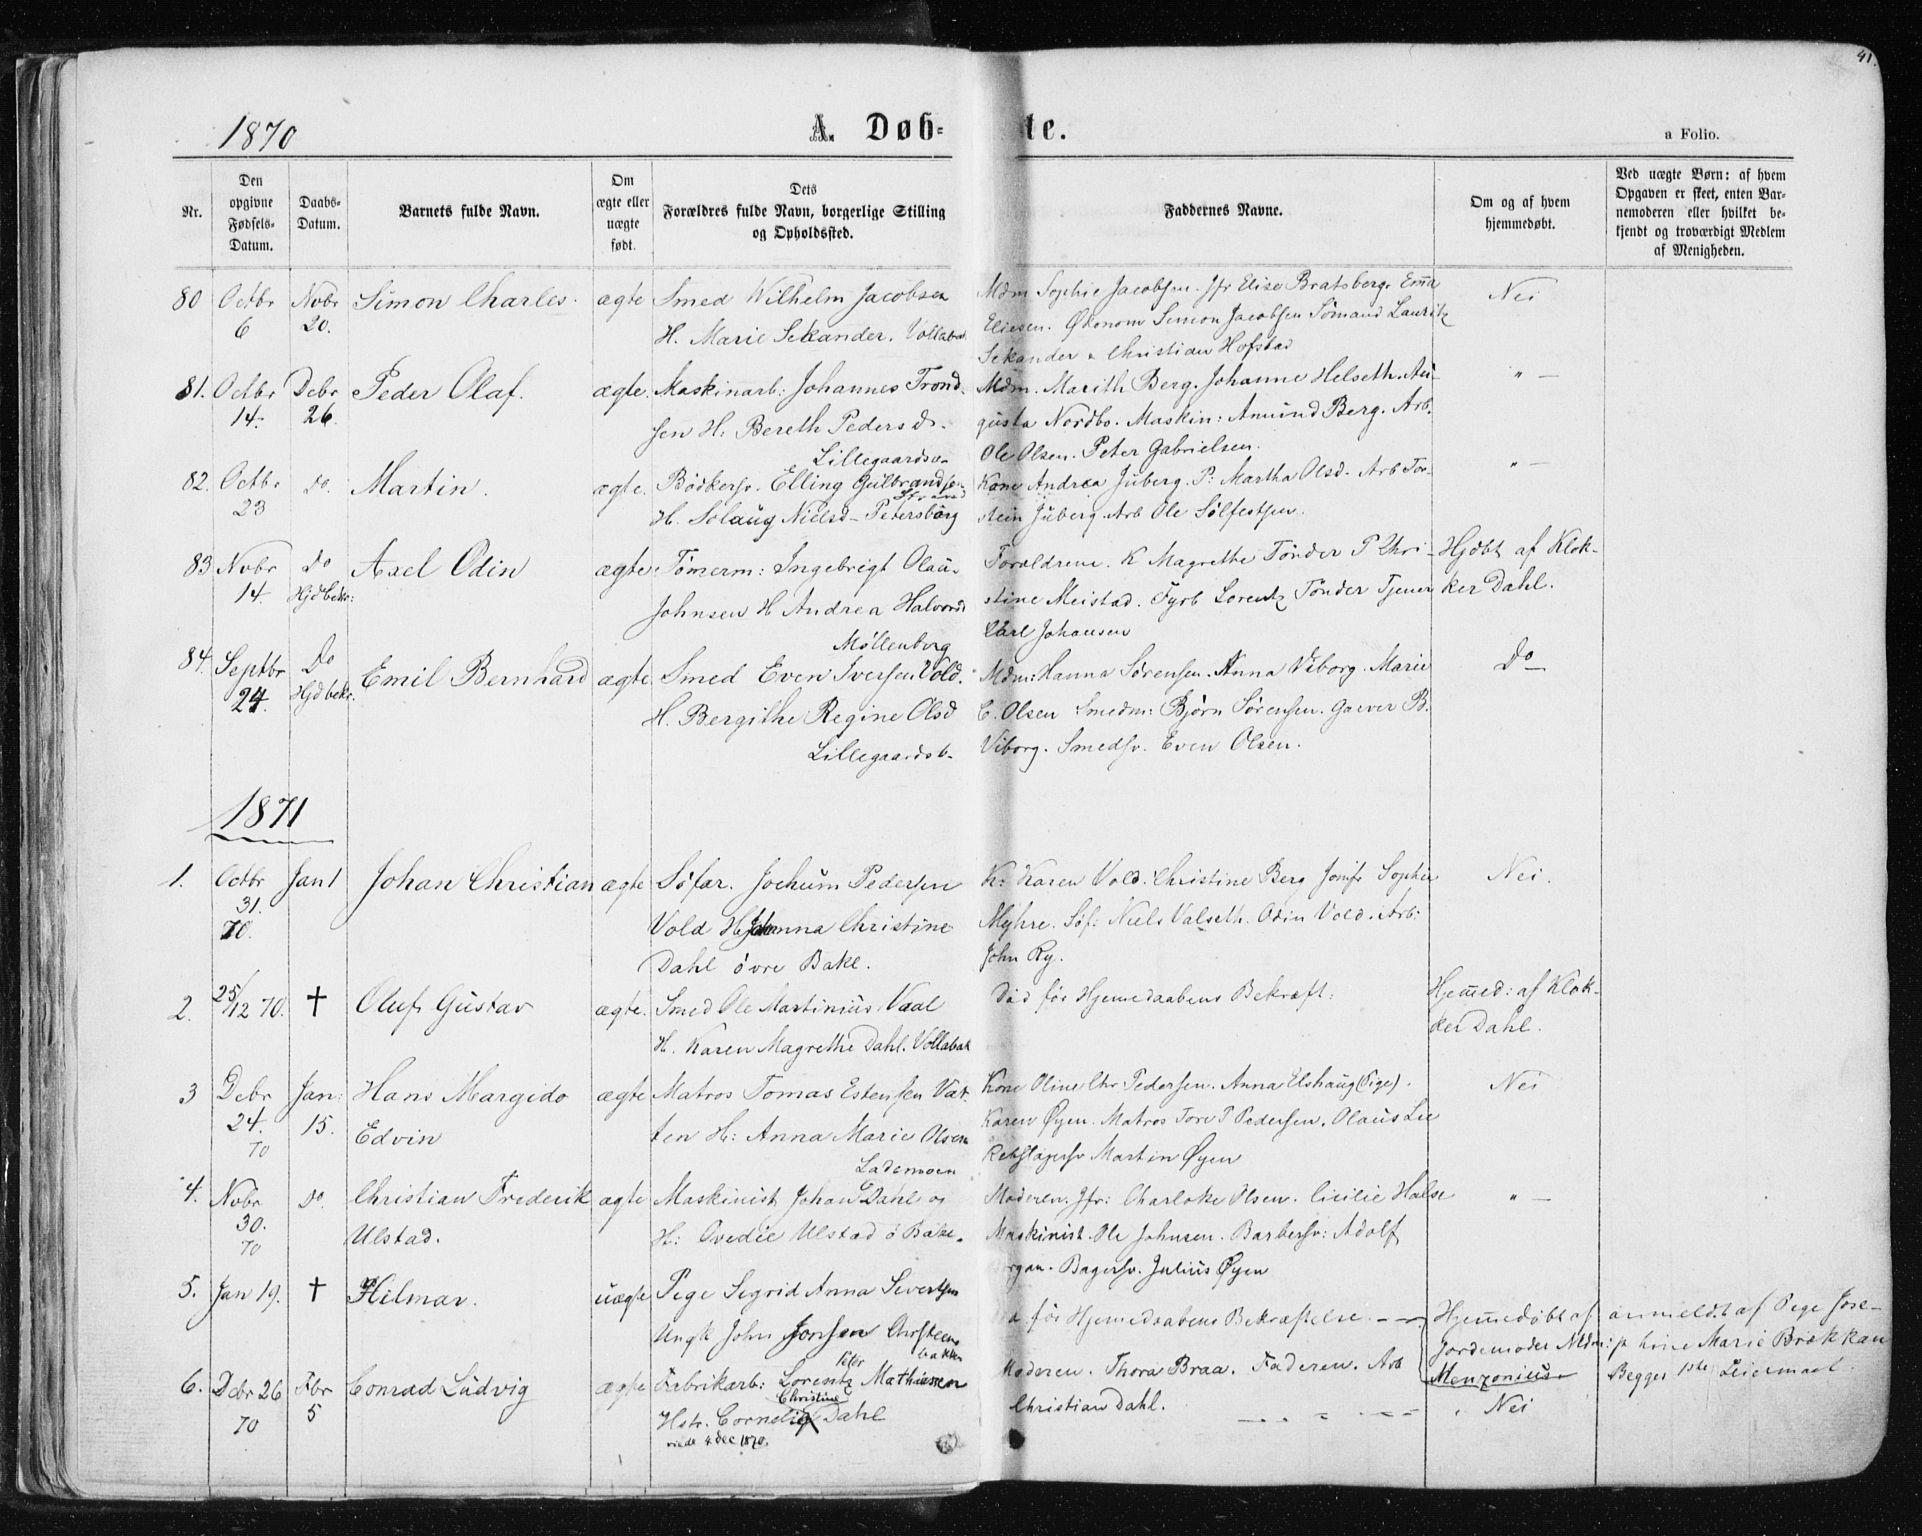 SAT, Ministerialprotokoller, klokkerbøker og fødselsregistre - Sør-Trøndelag, 604/L0186: Ministerialbok nr. 604A07, 1866-1877, s. 41